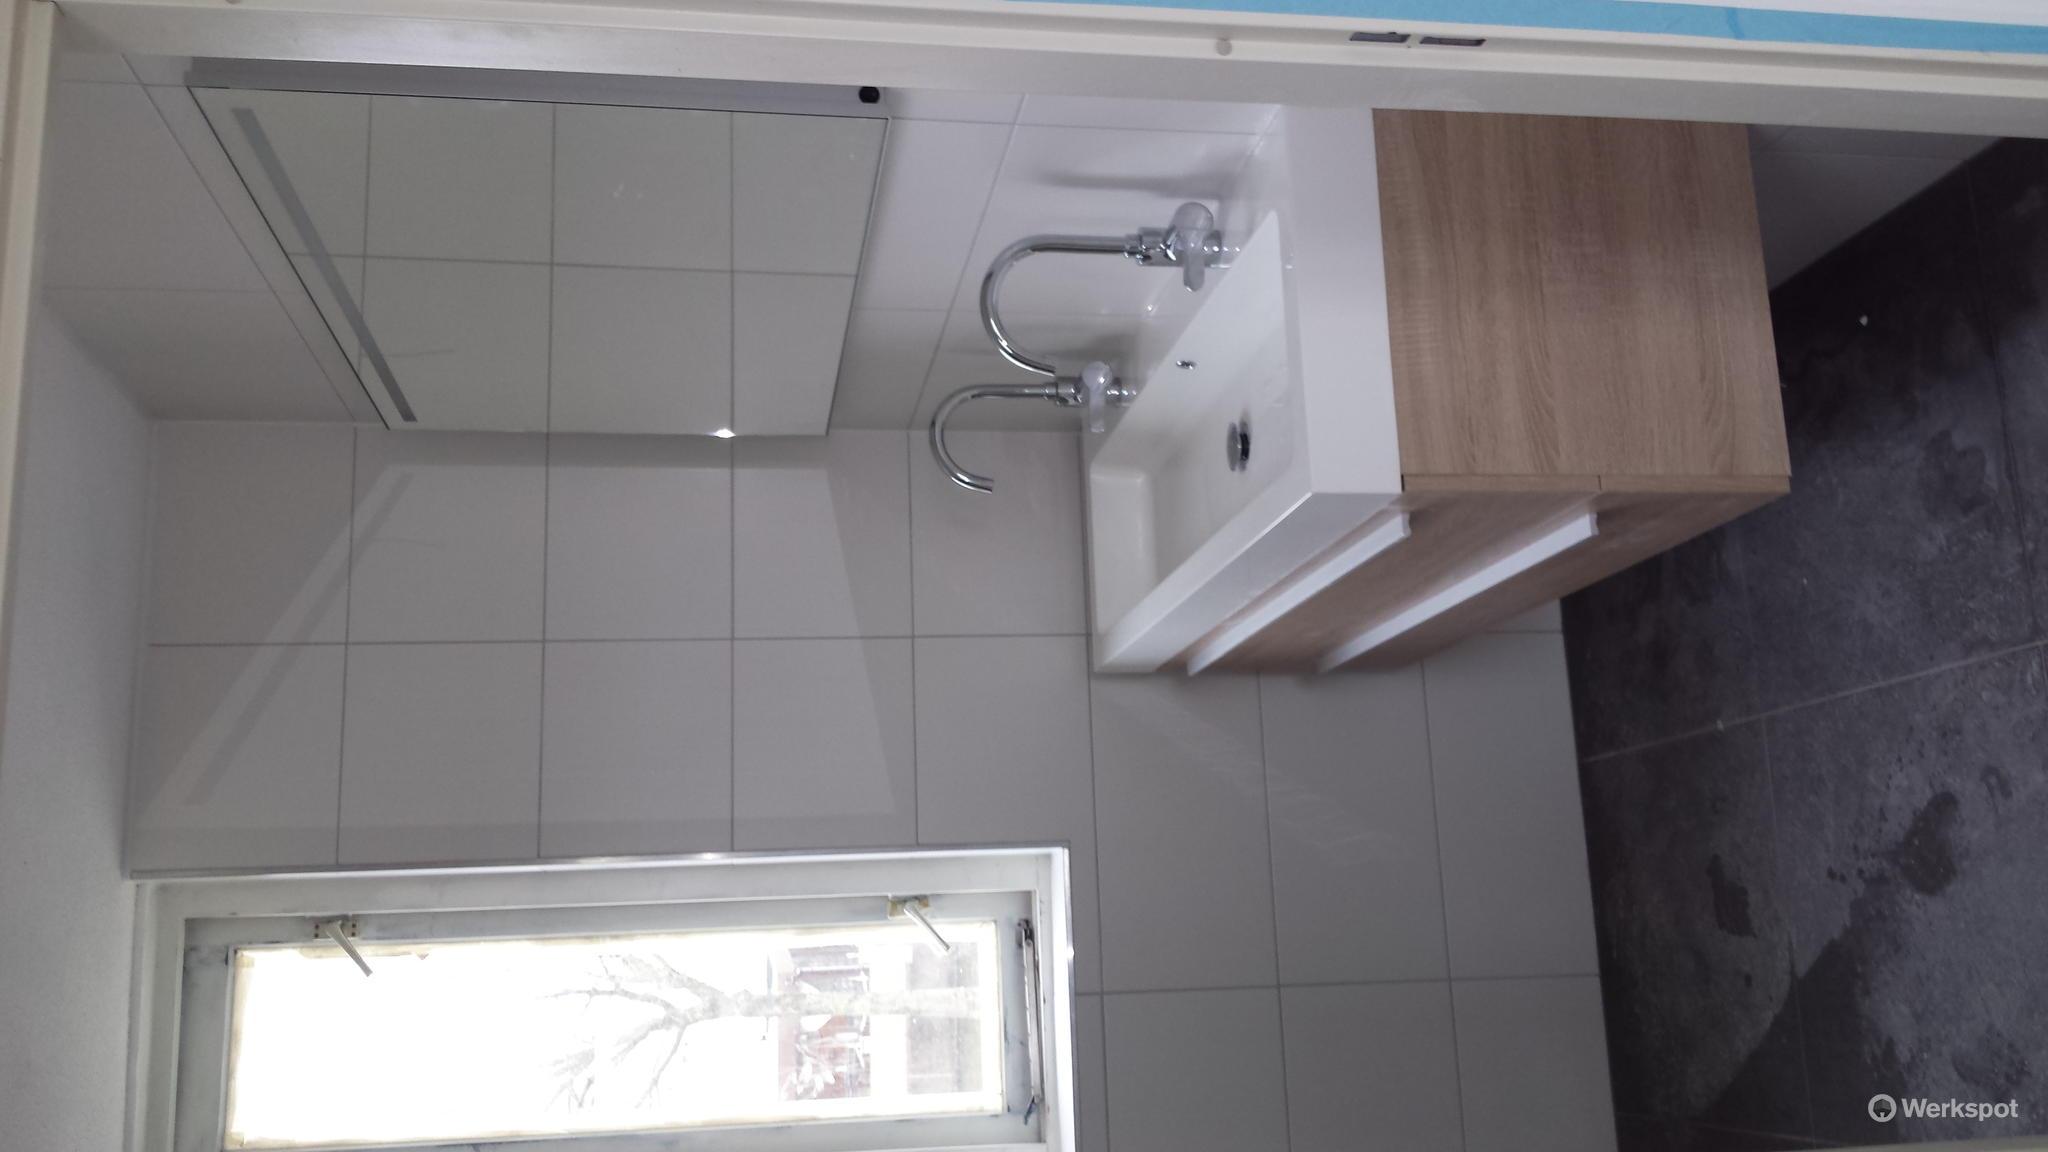 Nieuwe Badkamer Plaatsen : Nieuwe badkamer installeren en oude slopen en afvoeren werkspot